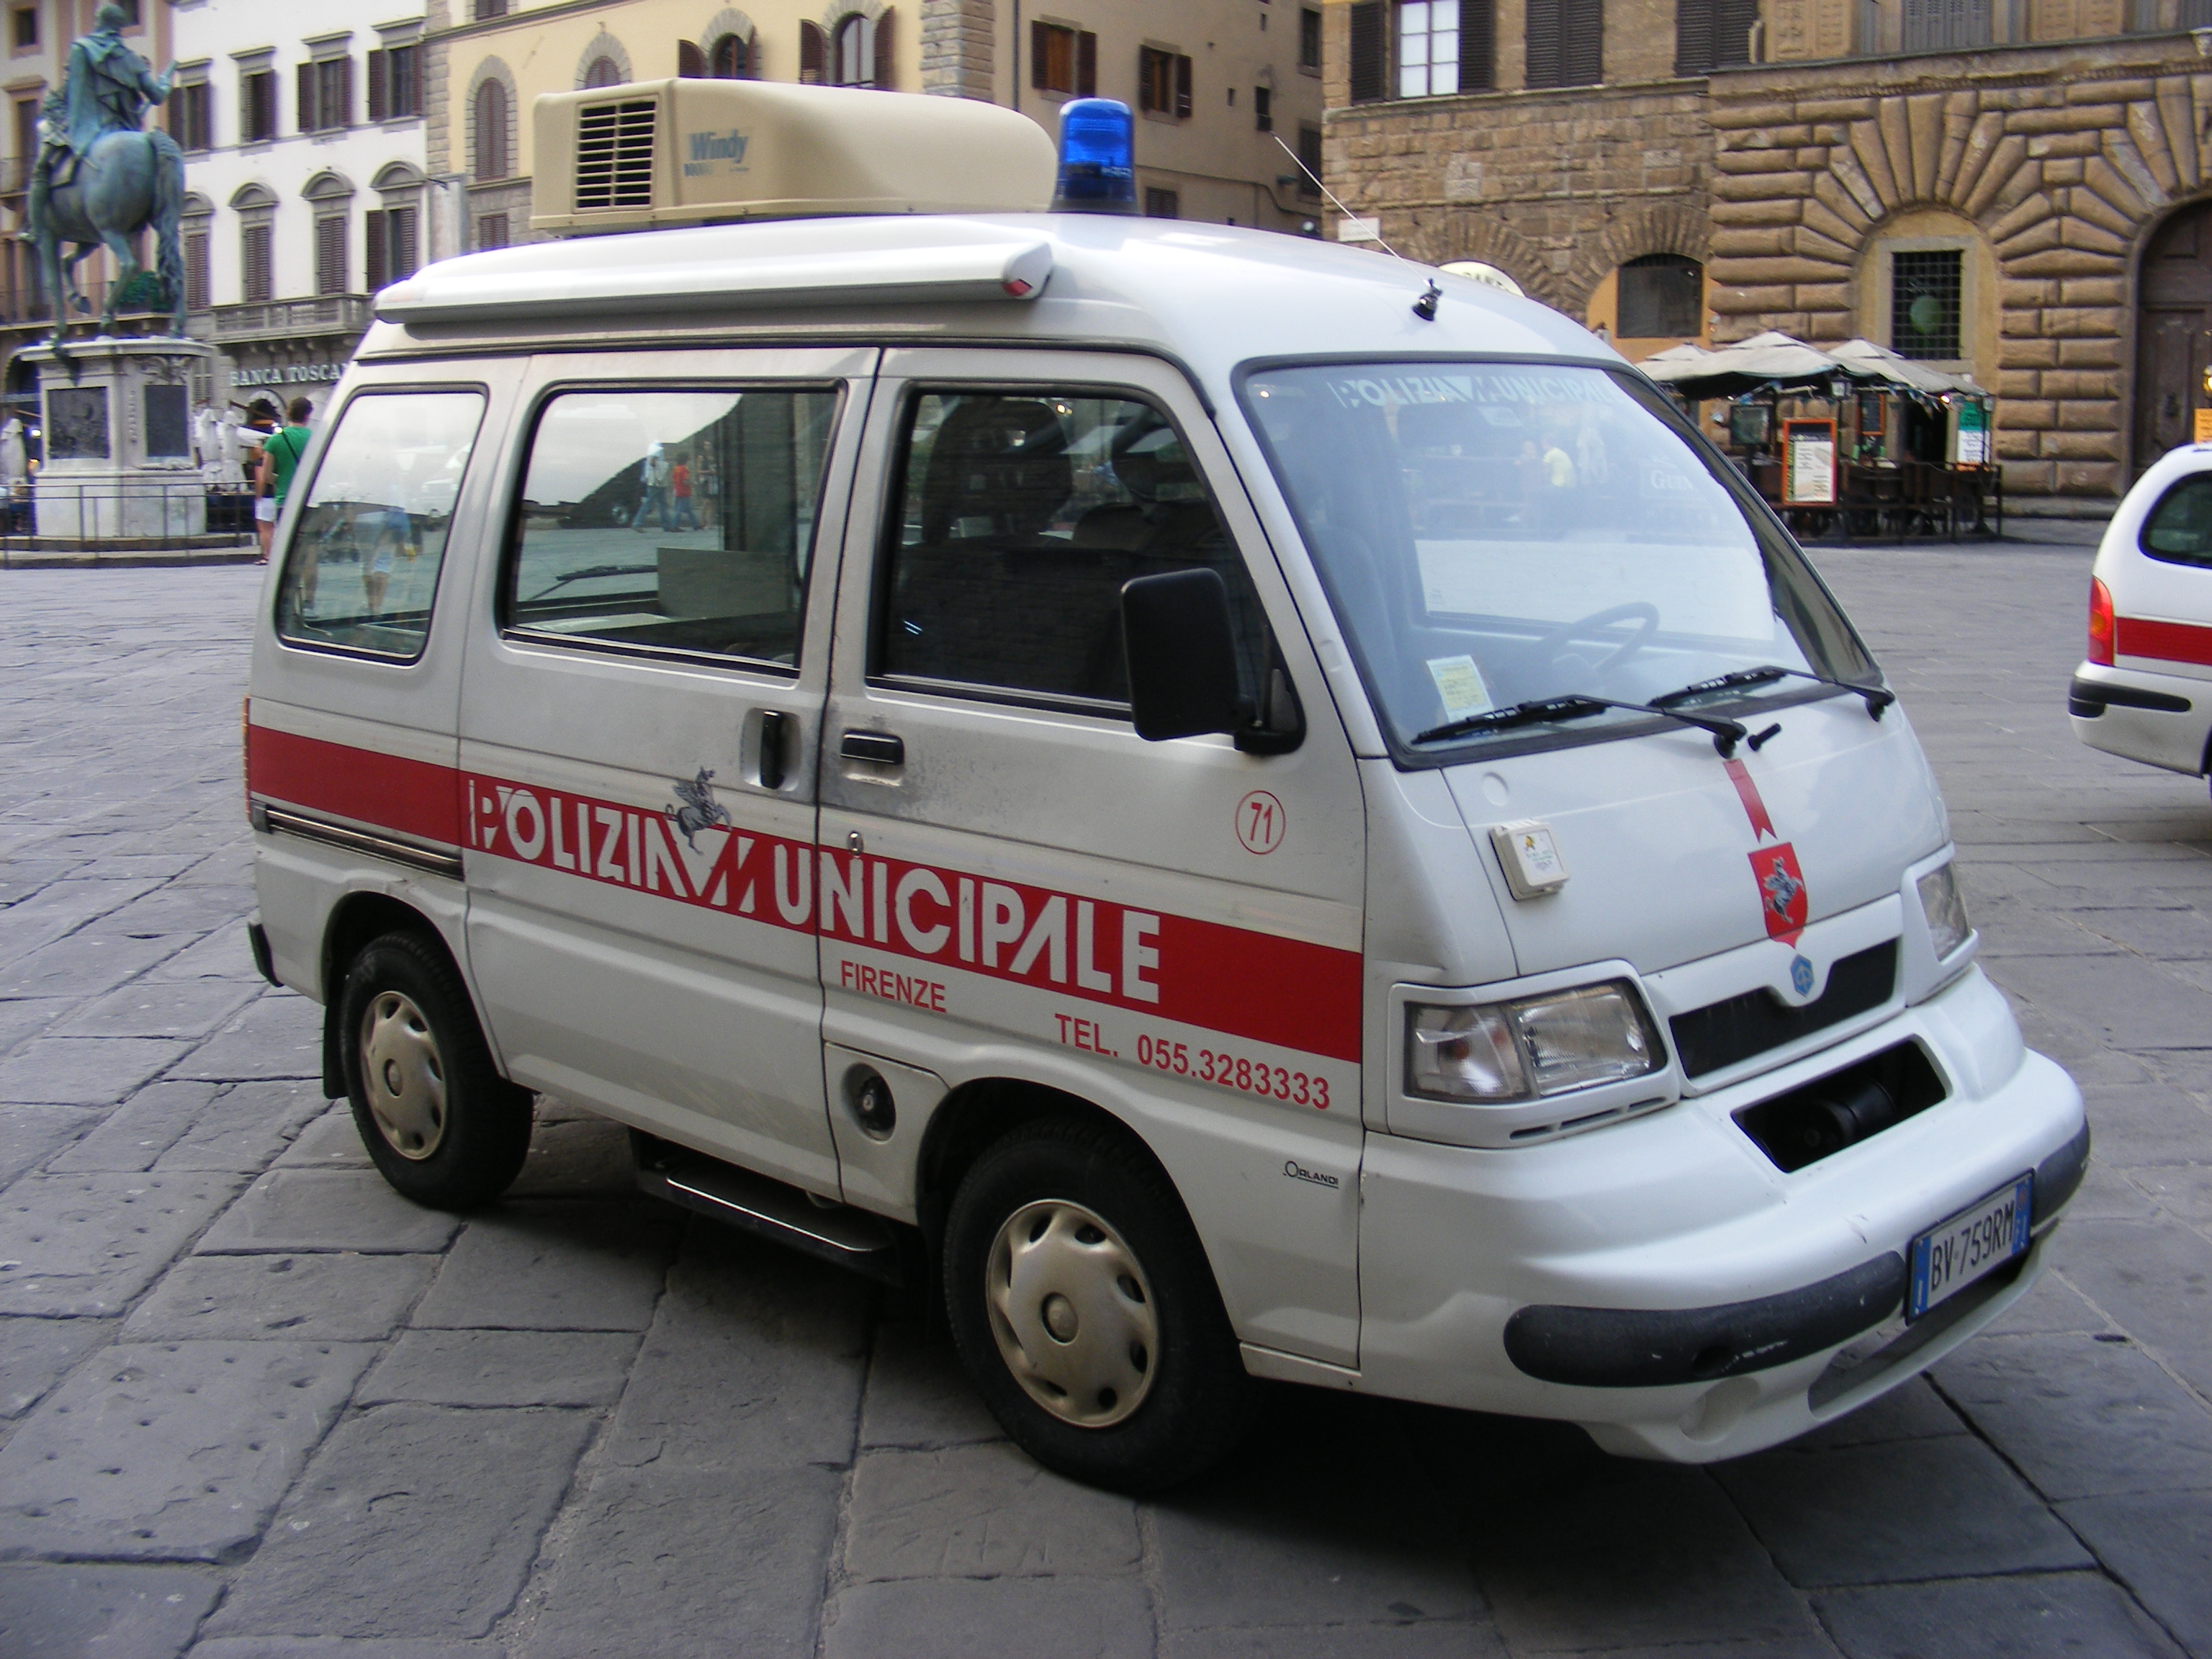 File:Patrol car of Polizia Municipale di Firenze (Piaggio Porter ...